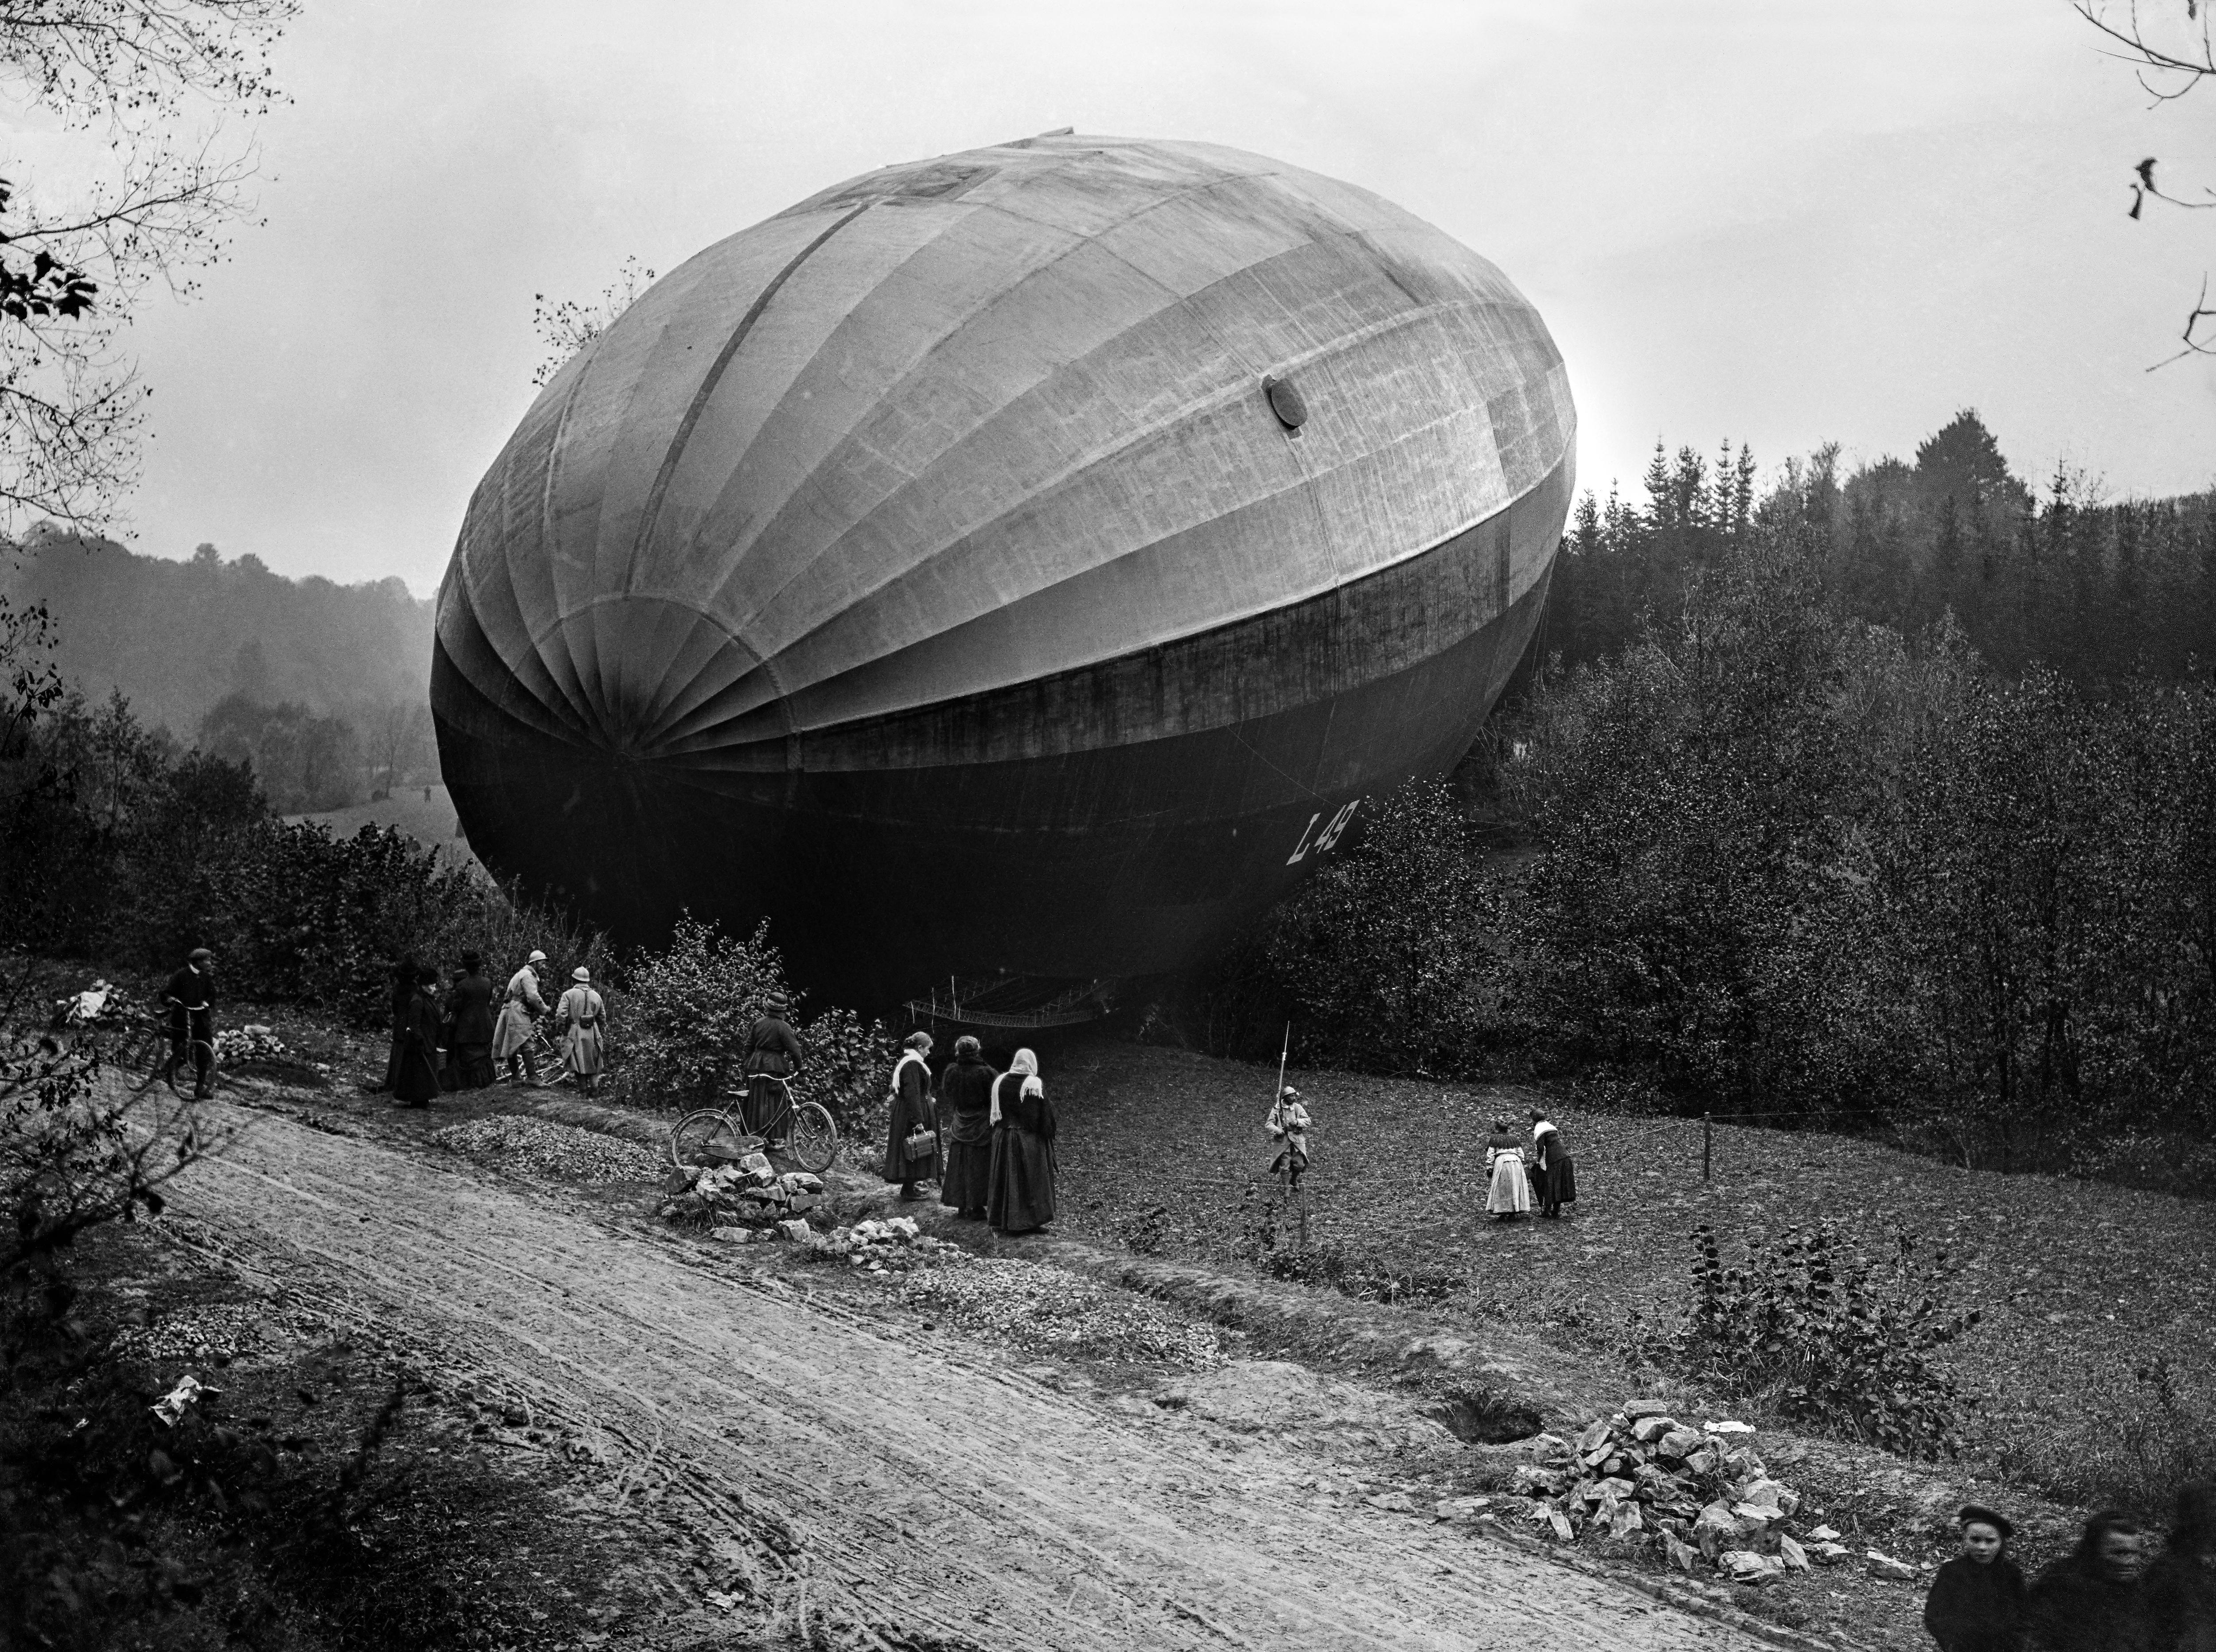 Airplane vs. Zeppelin in 1917